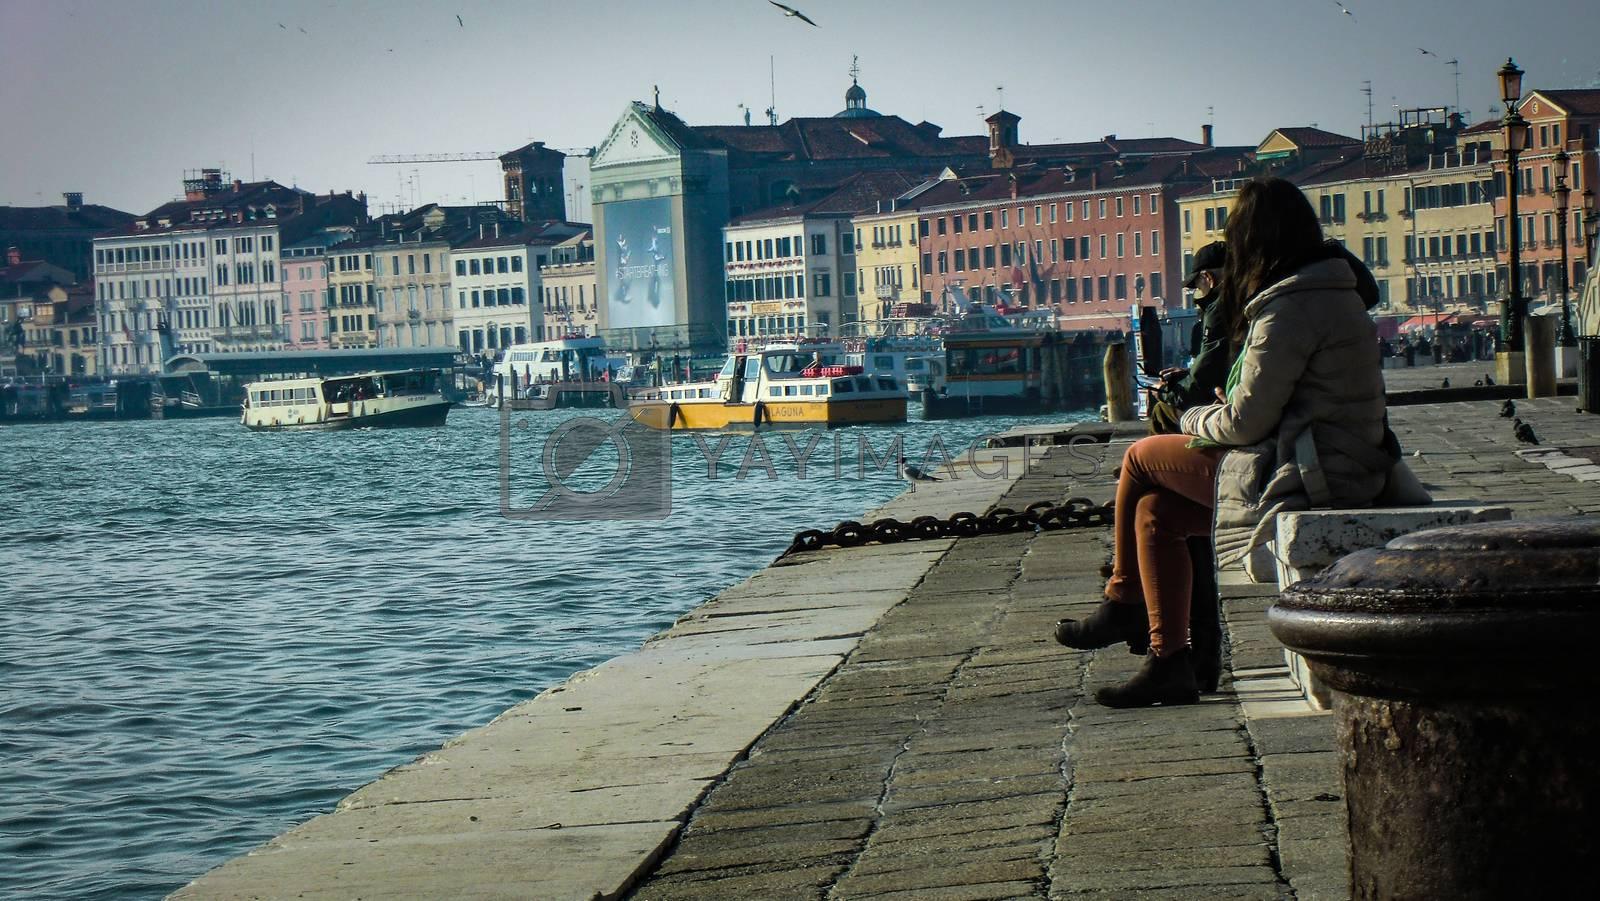 VENICE,ITALY 26 FEBRUARY 2020: Cityscape of Venice